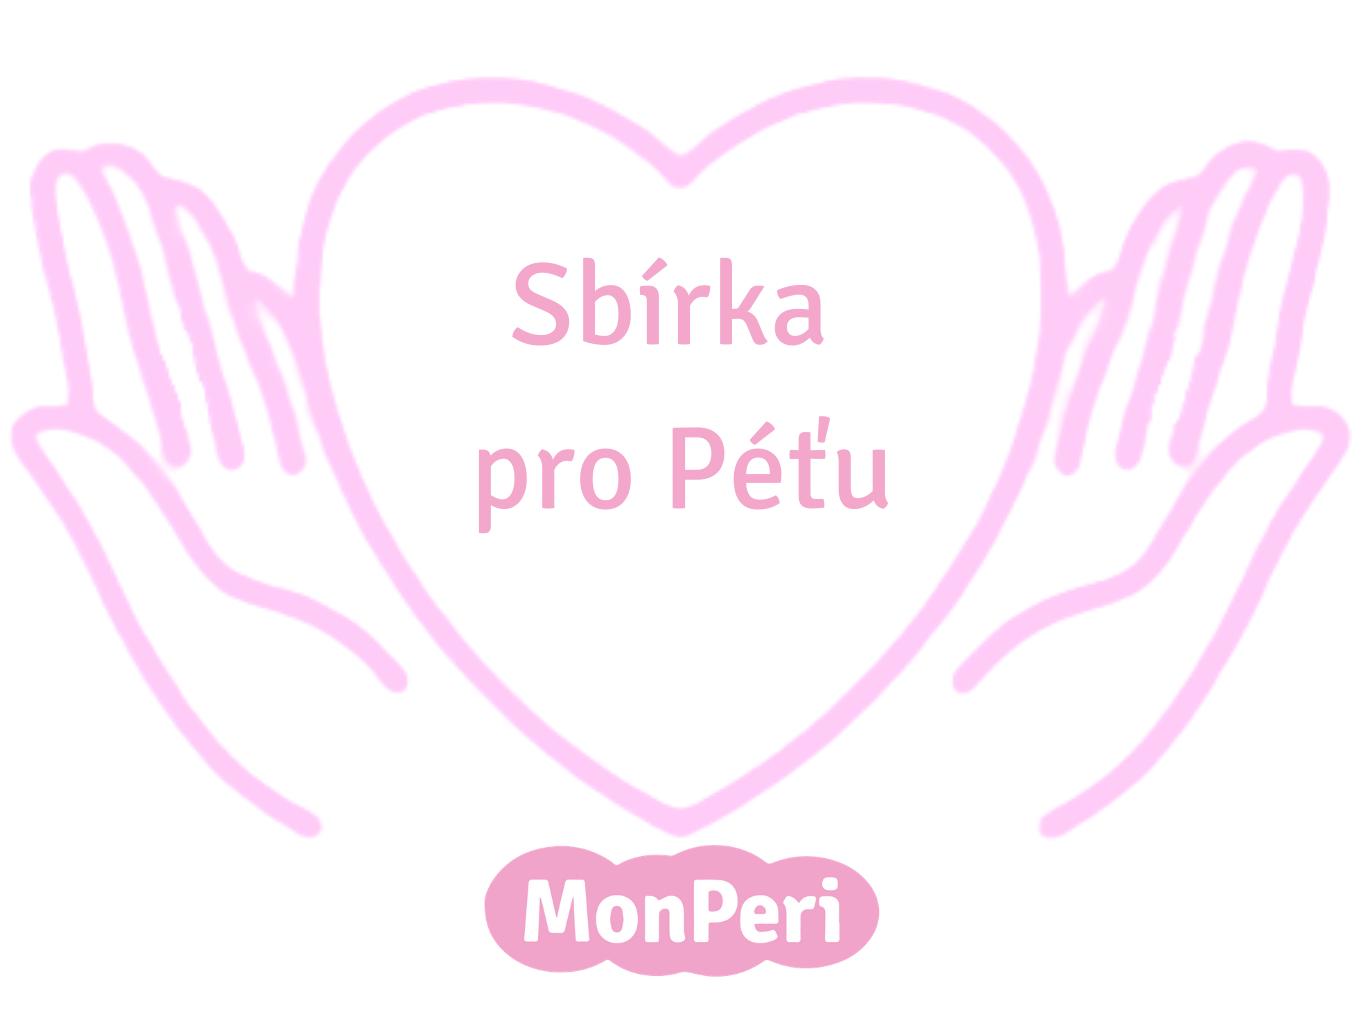 Sbírka pro Péťu - Pomáháme s MonPeri